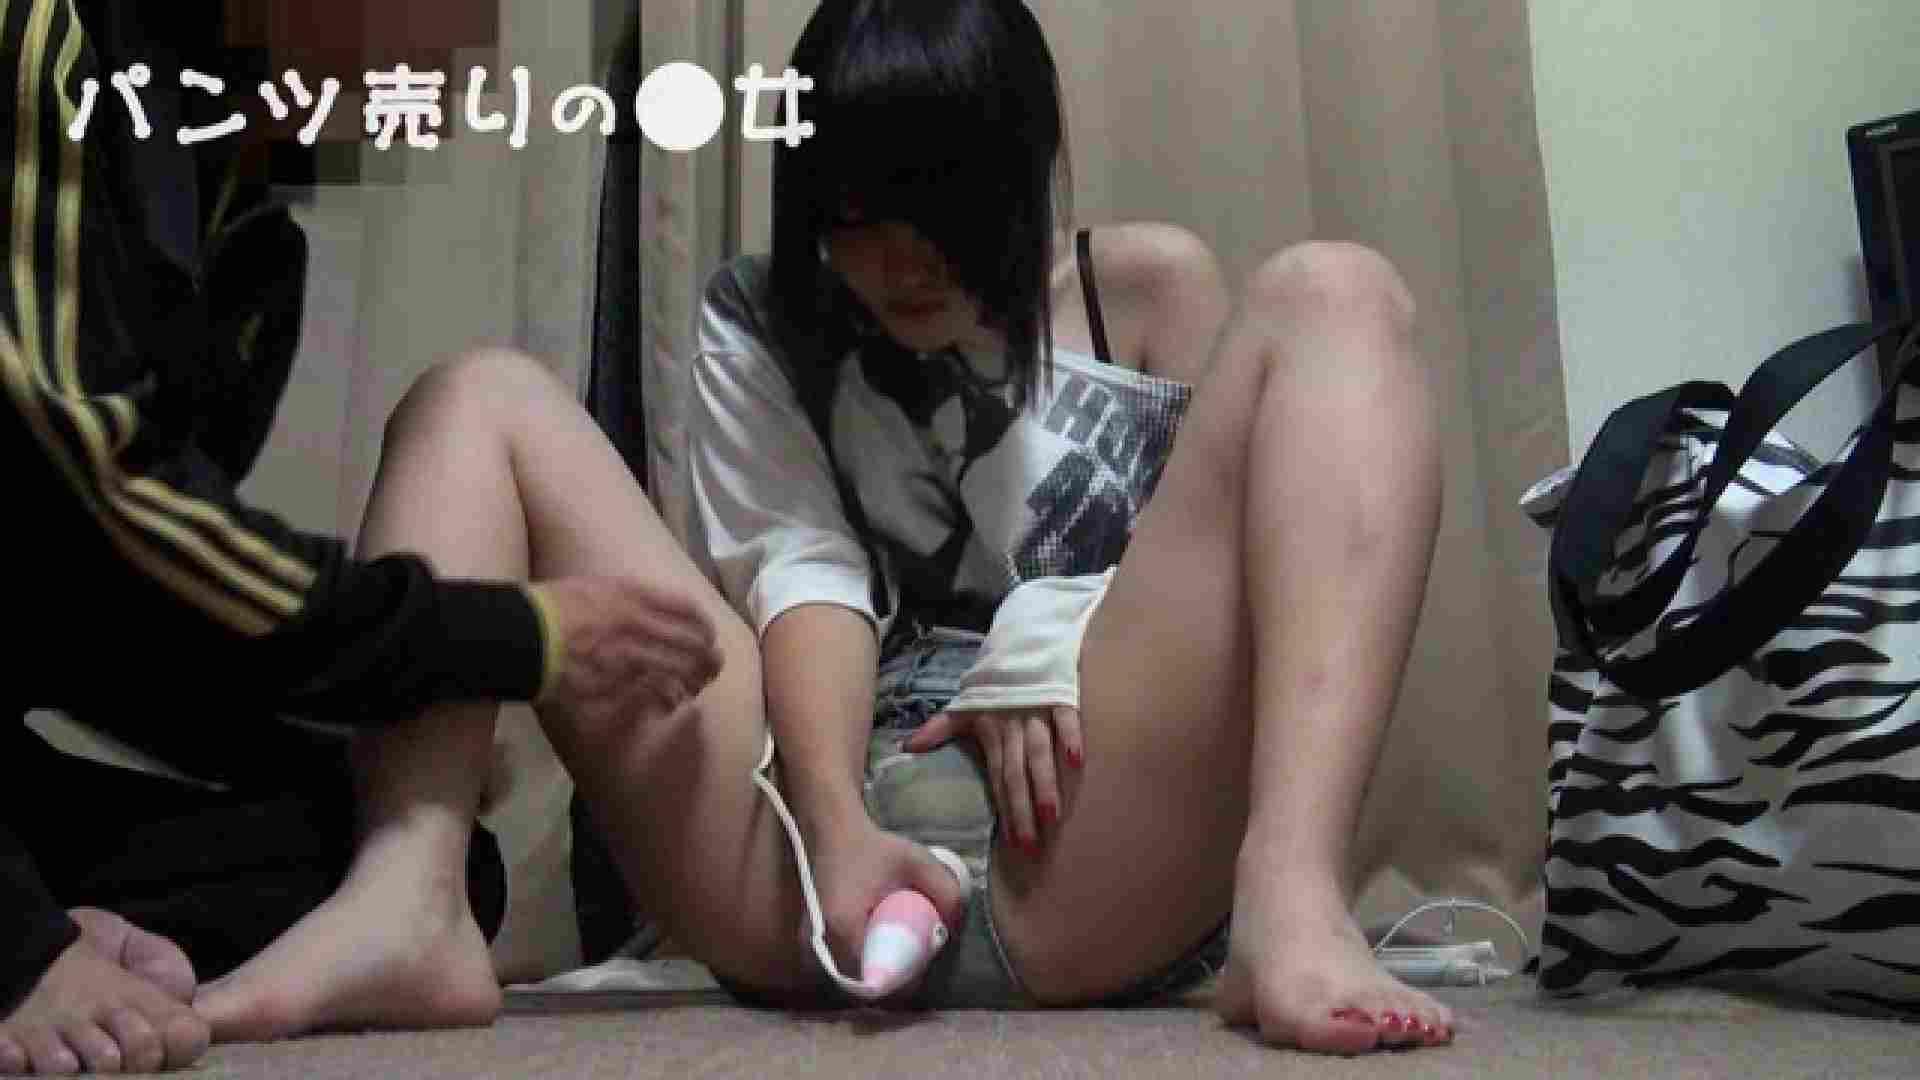 新説 パンツ売りの女の子mizuki02 覗き | 超エロギャル  89枚 21